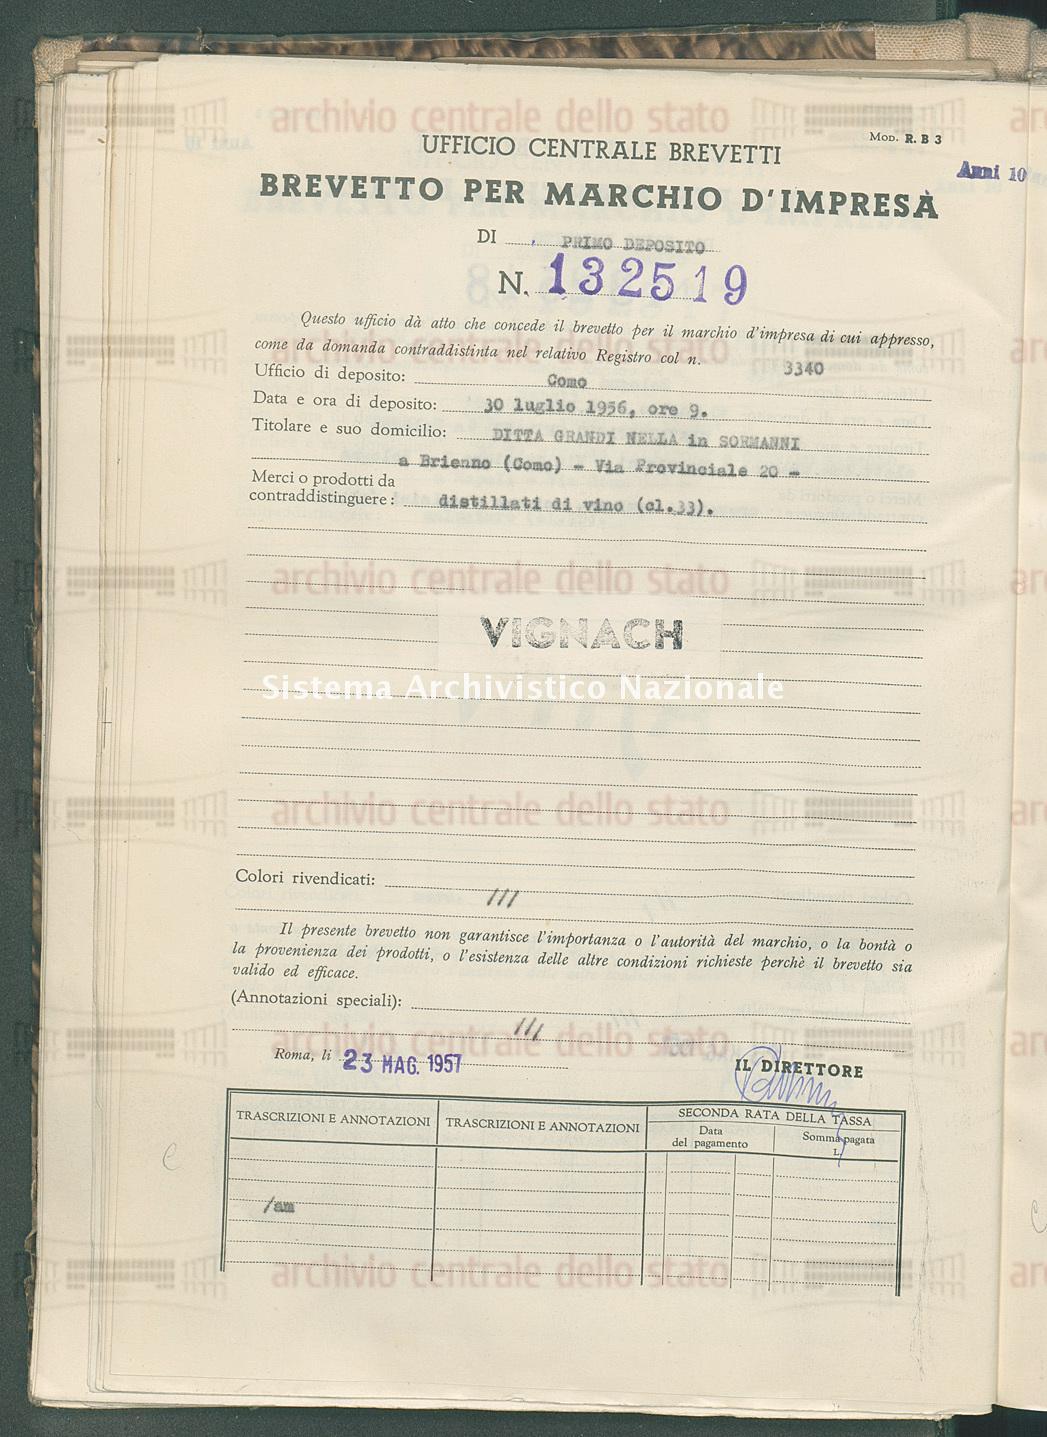 Distillati di vino Ditta Grandi Nella In Sormanni (23/05/1957)